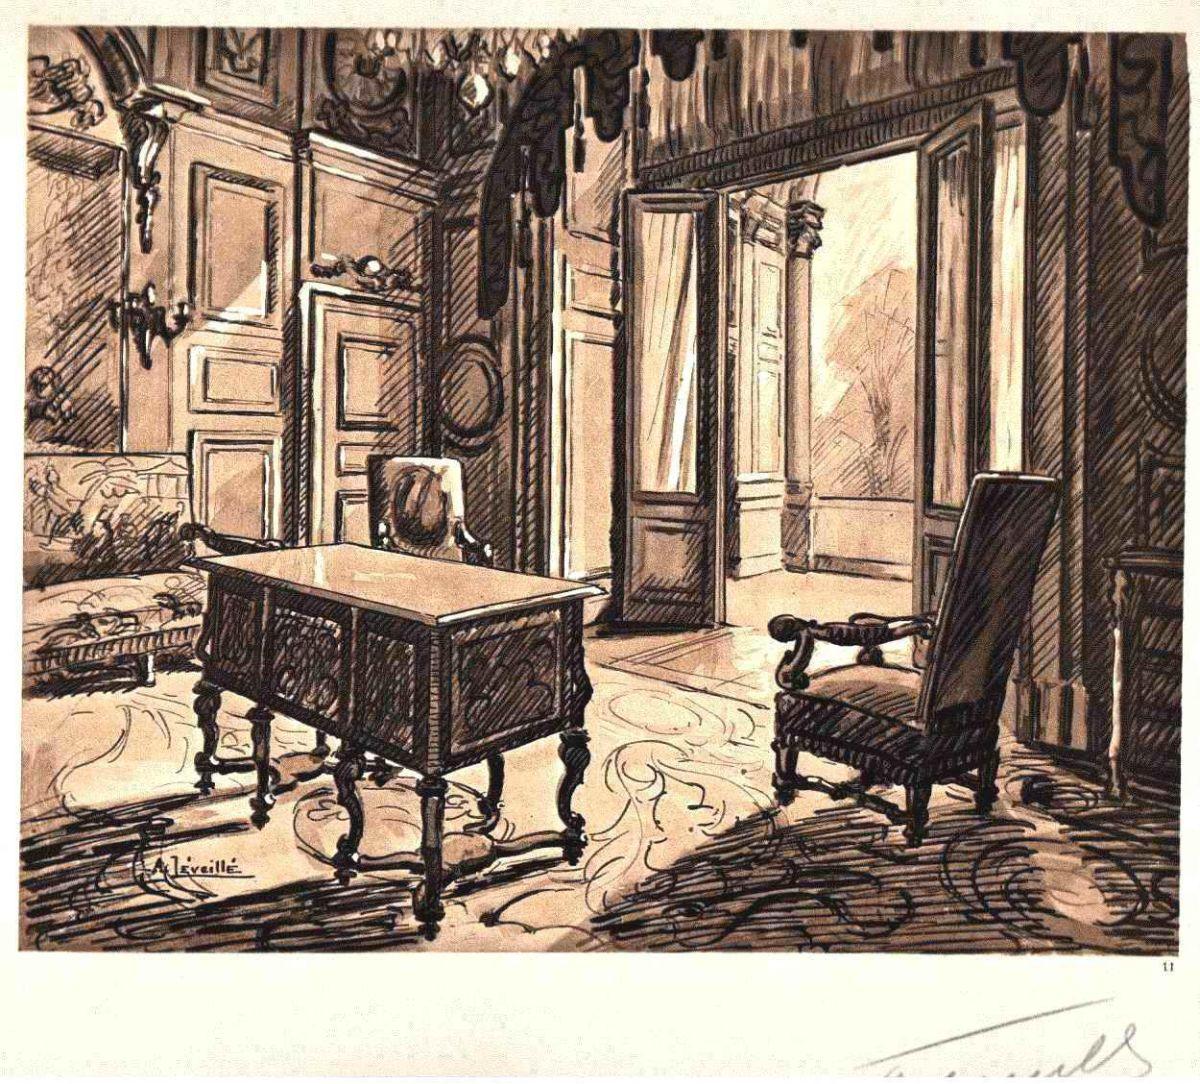 Andrèi Lèveillè - SALON der MADAME de MAINTENON 1925 FONTAINEBLEAU Handsignierte OriginalLithographie kopen? Bied vanaf 65!